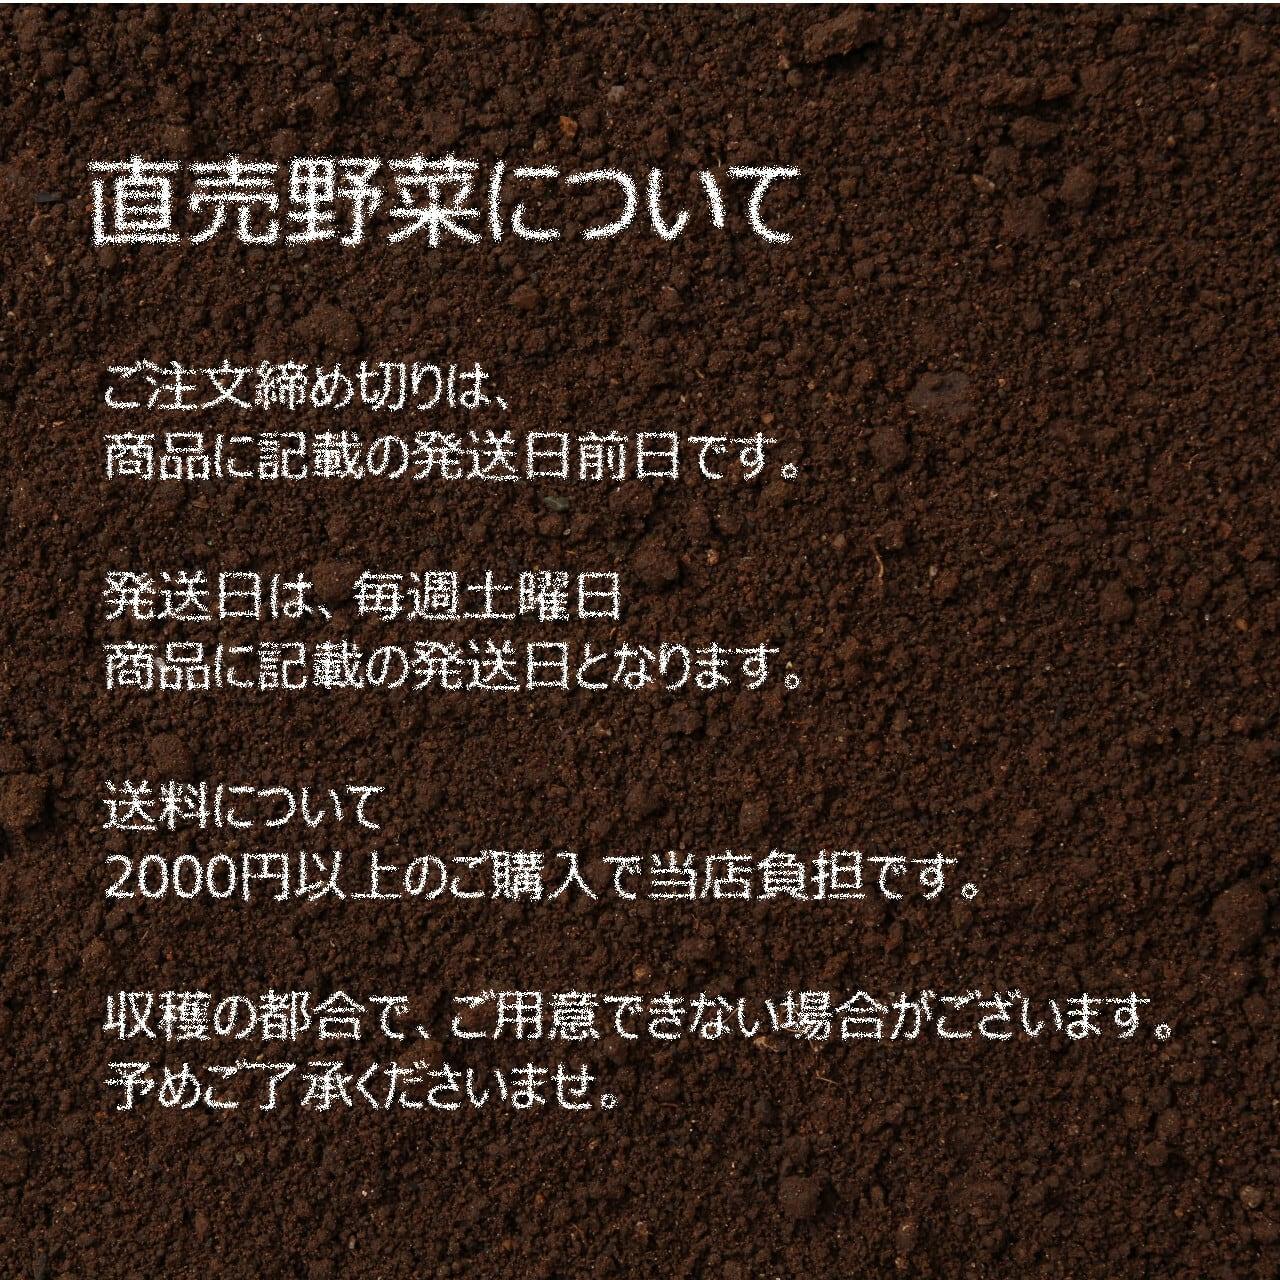 朝採り直売野菜 キャベツ 1個 新鮮な春野菜 4月18日発送予定